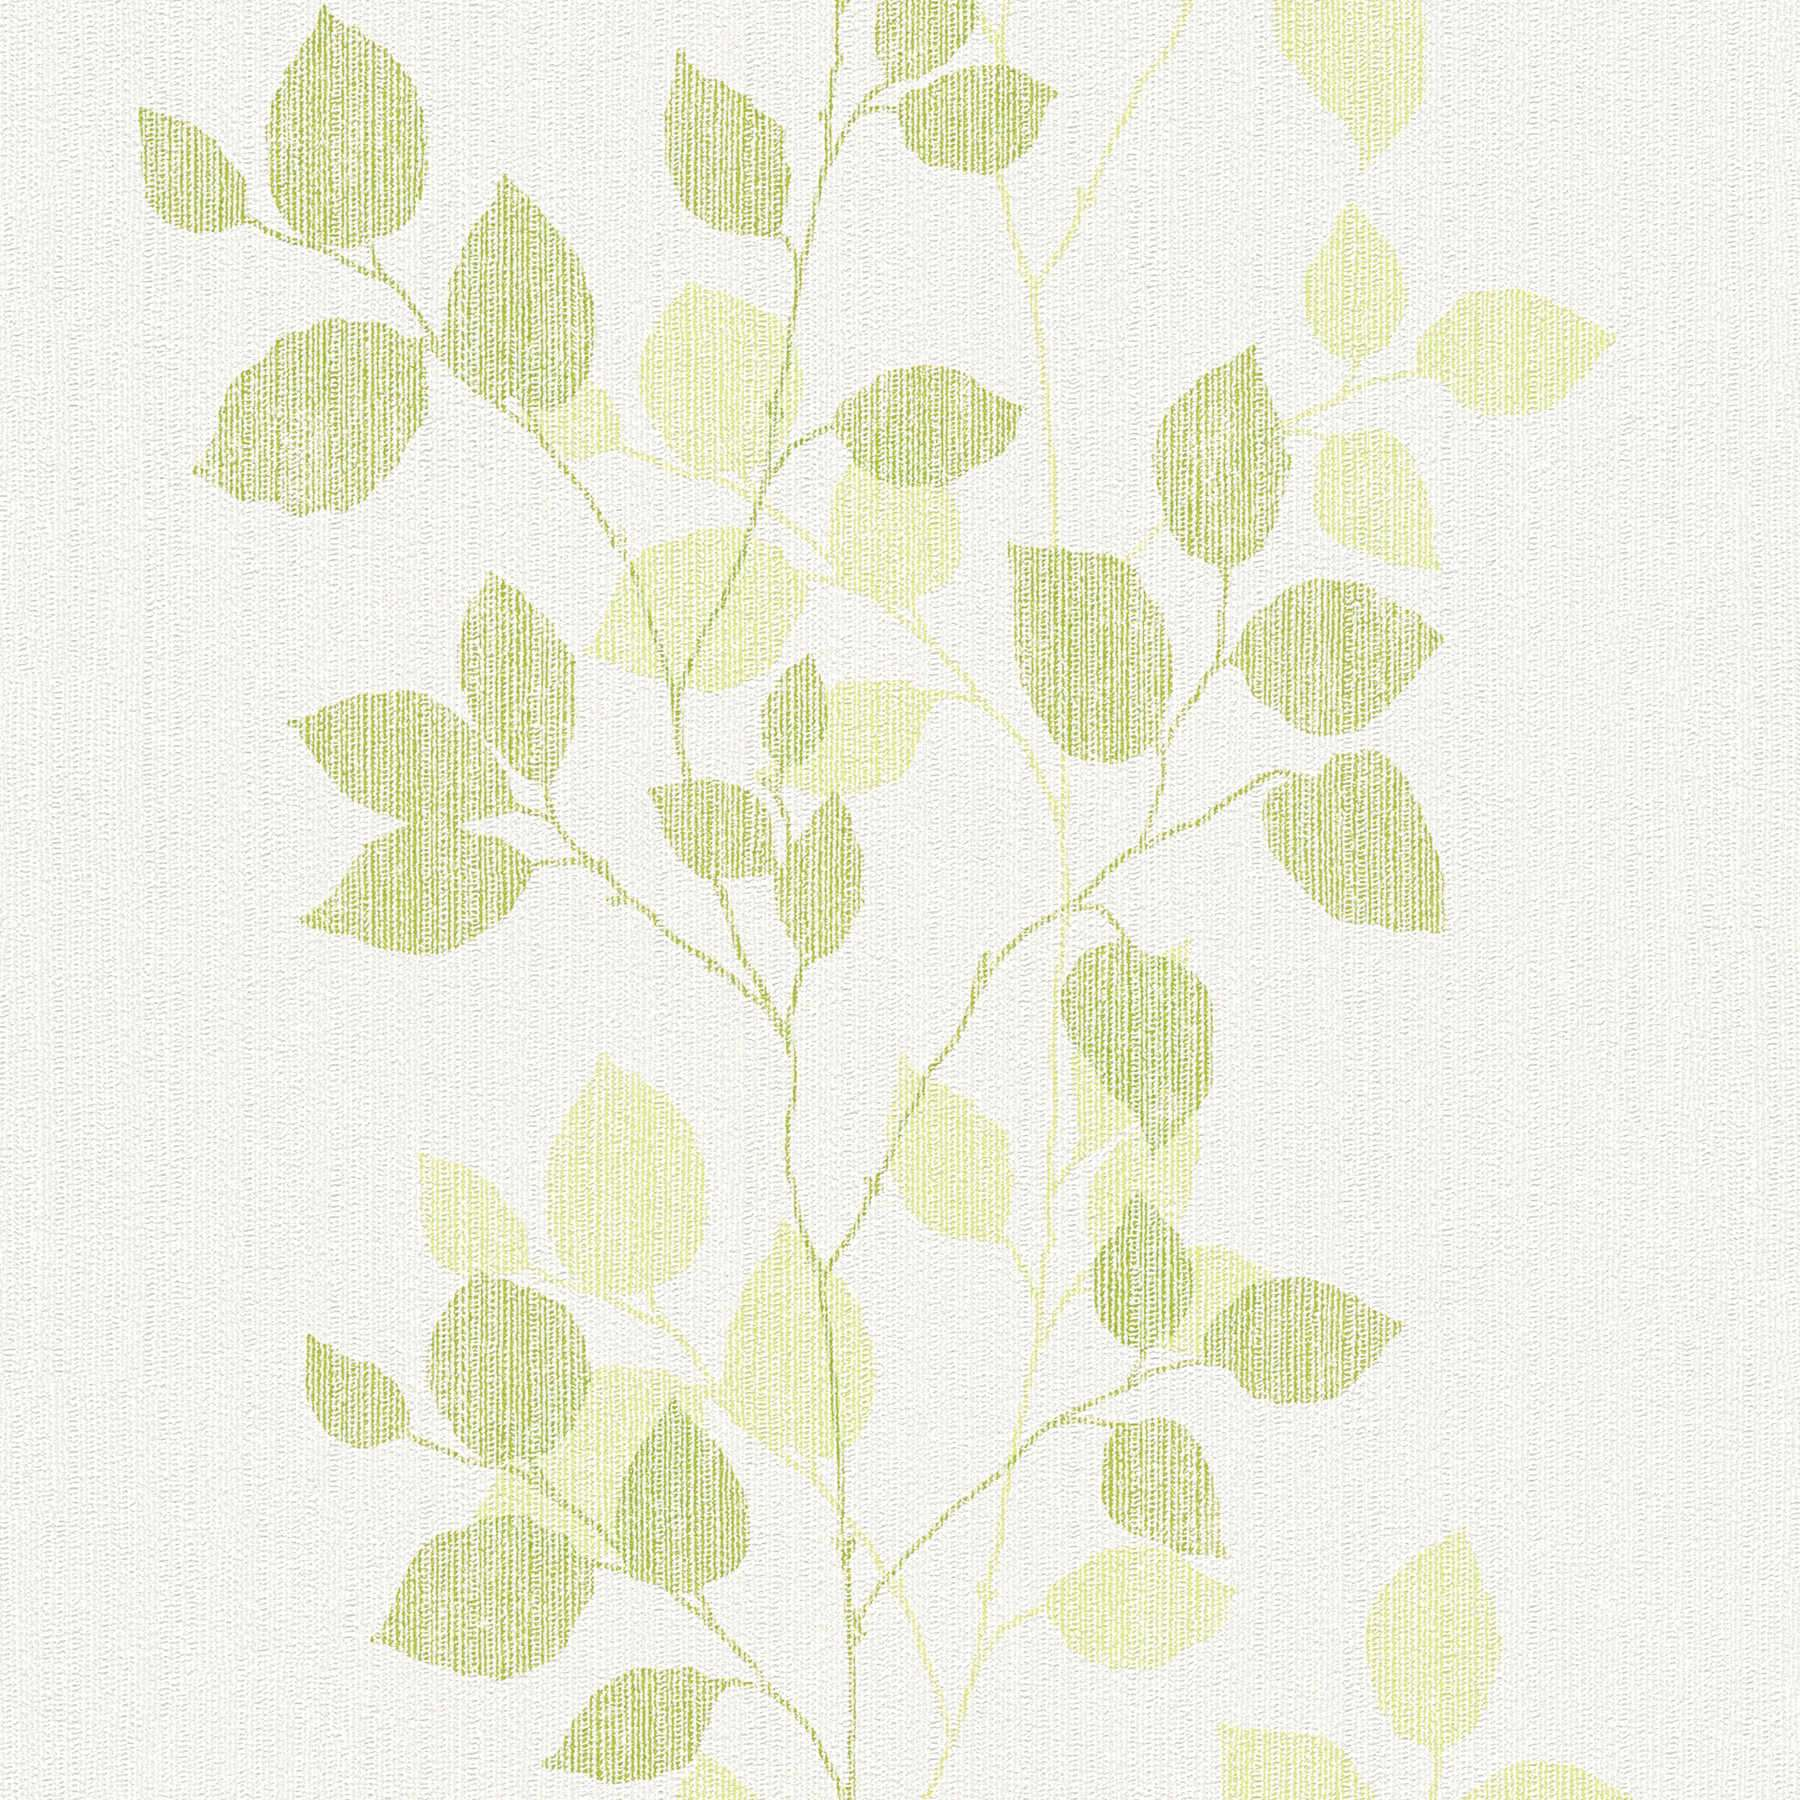 34761-3 Tapety na zeď Happy Spring - Vliesová tapeta Tapety AS Création - Happy Spring